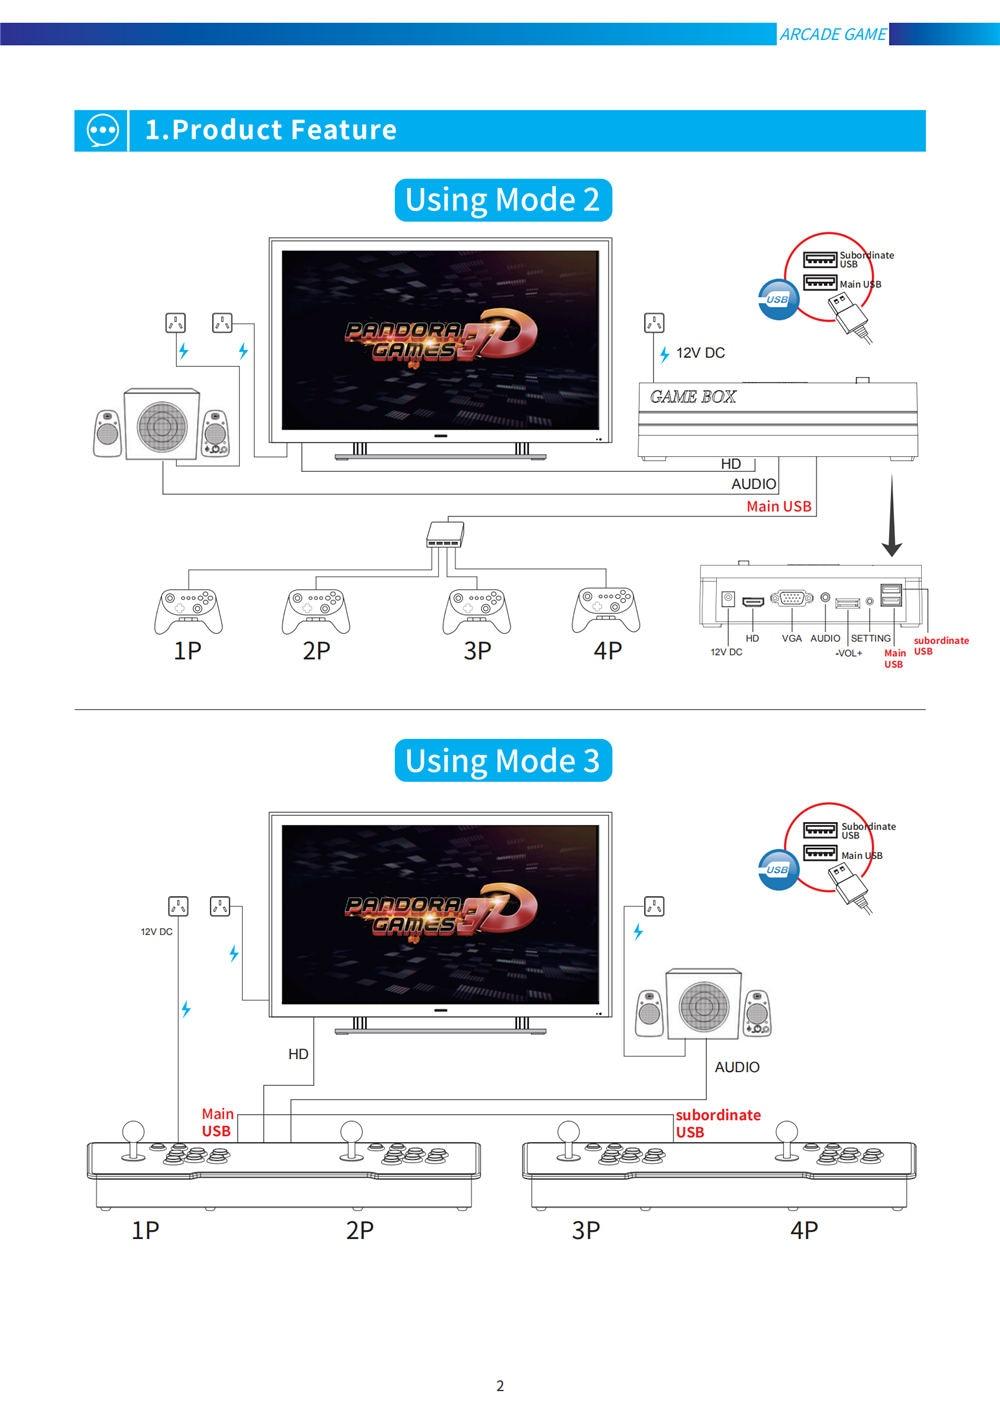 caixa família-versão arcade armário de vídeo hd